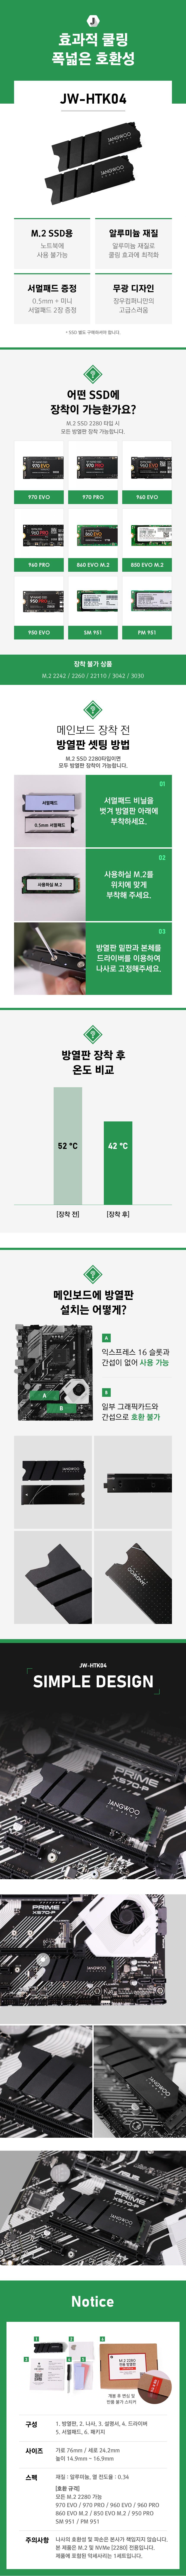 장우컴퍼니 JW-HTK04 M.2 SSD 방열판 (Black)